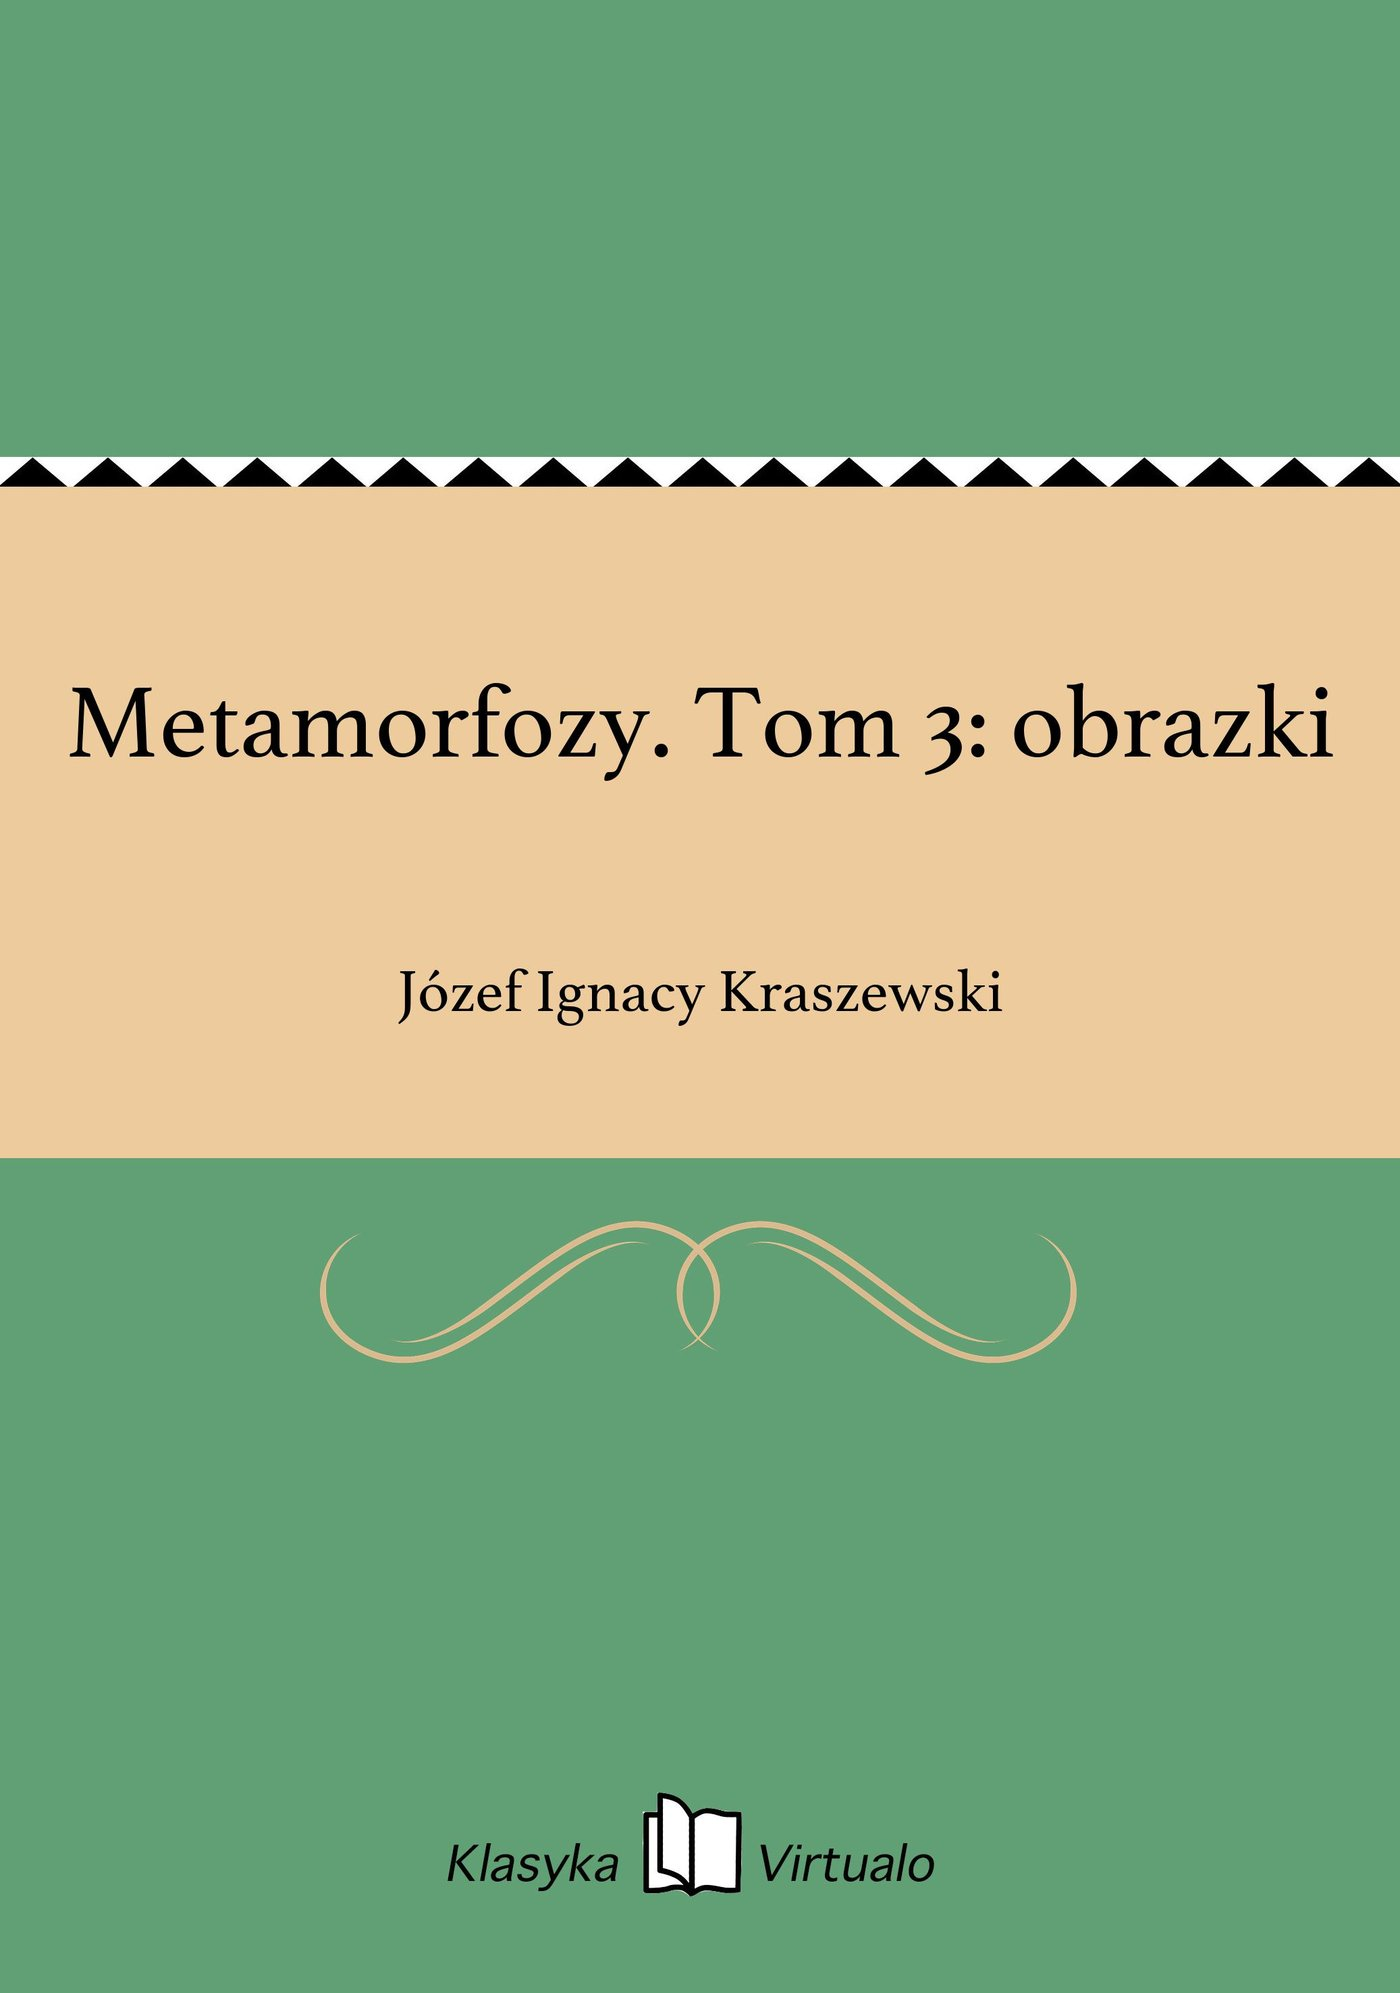 Metamorfozy. Tom 3: obrazki - Ebook (Książka EPUB) do pobrania w formacie EPUB